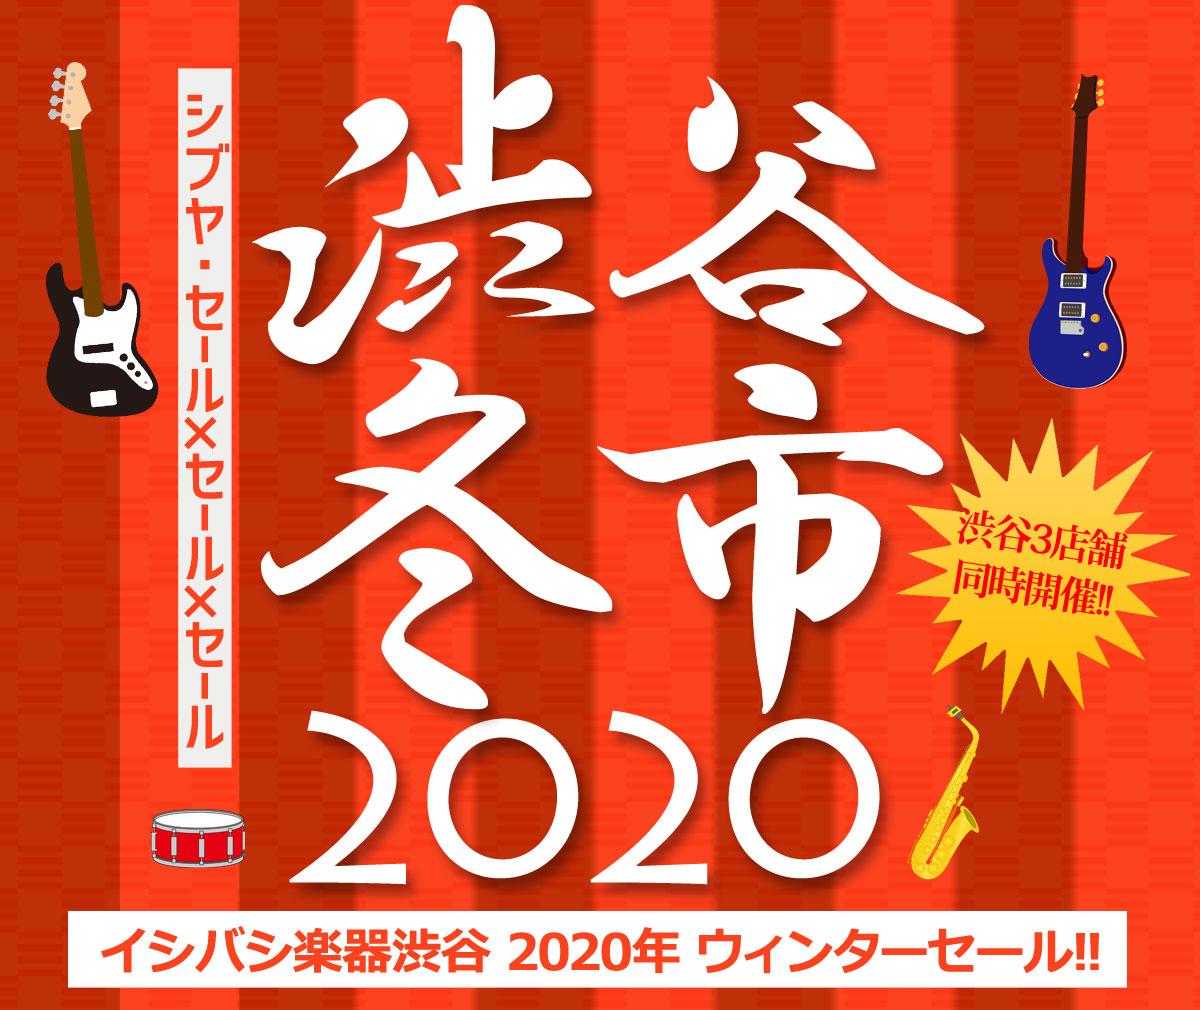 渋谷冬市2020 イシバシ楽器渋谷店2020年 ウィンターセール!! 渋谷店ページ